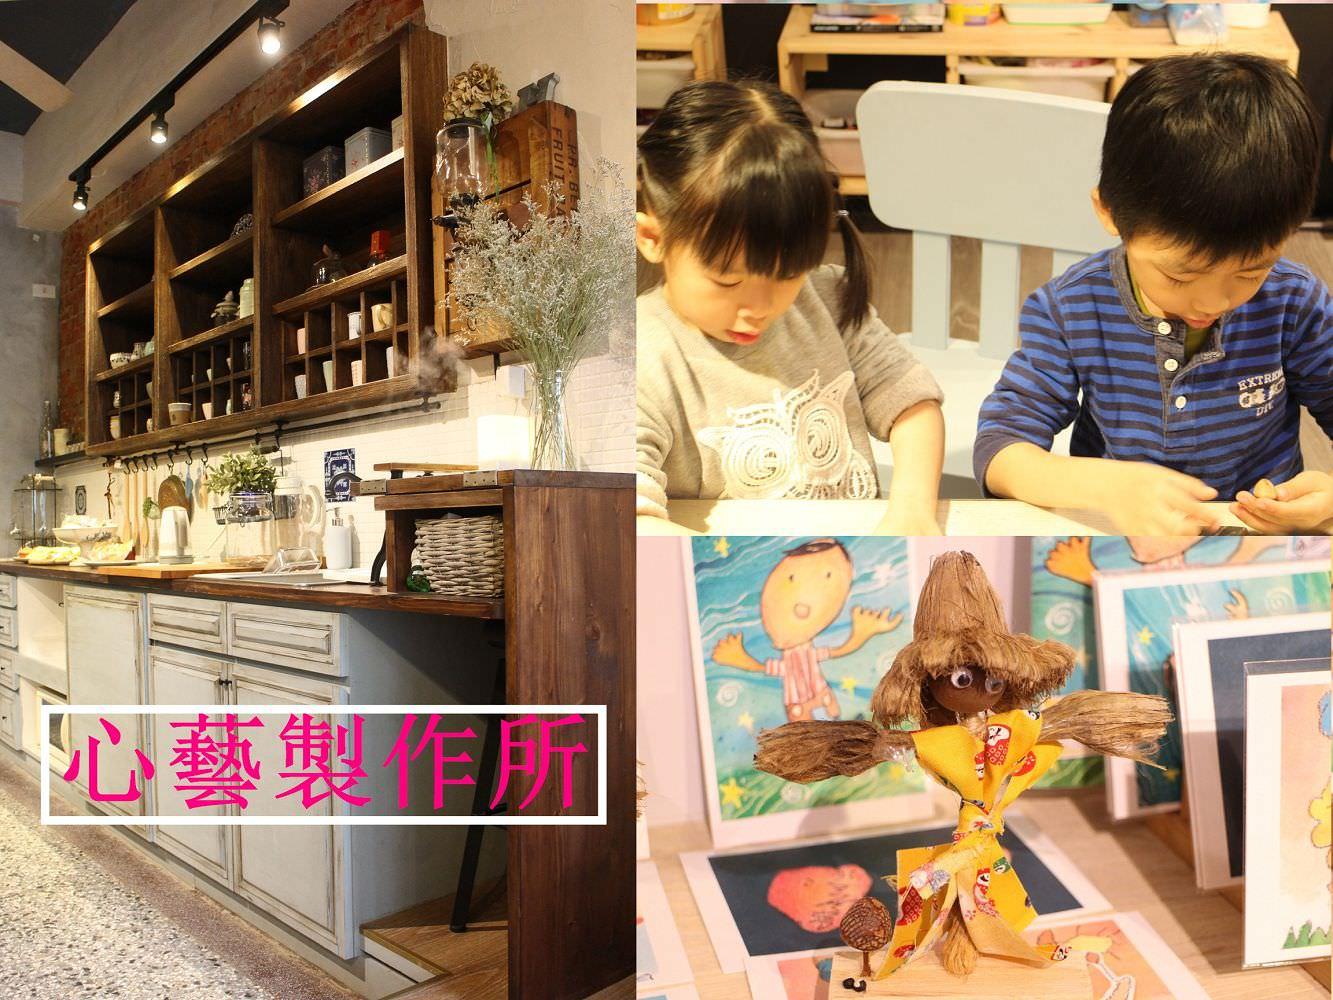 台南才藝課程|心藝製作所:這是餐廳嗎?還是藝術饗宴哪?